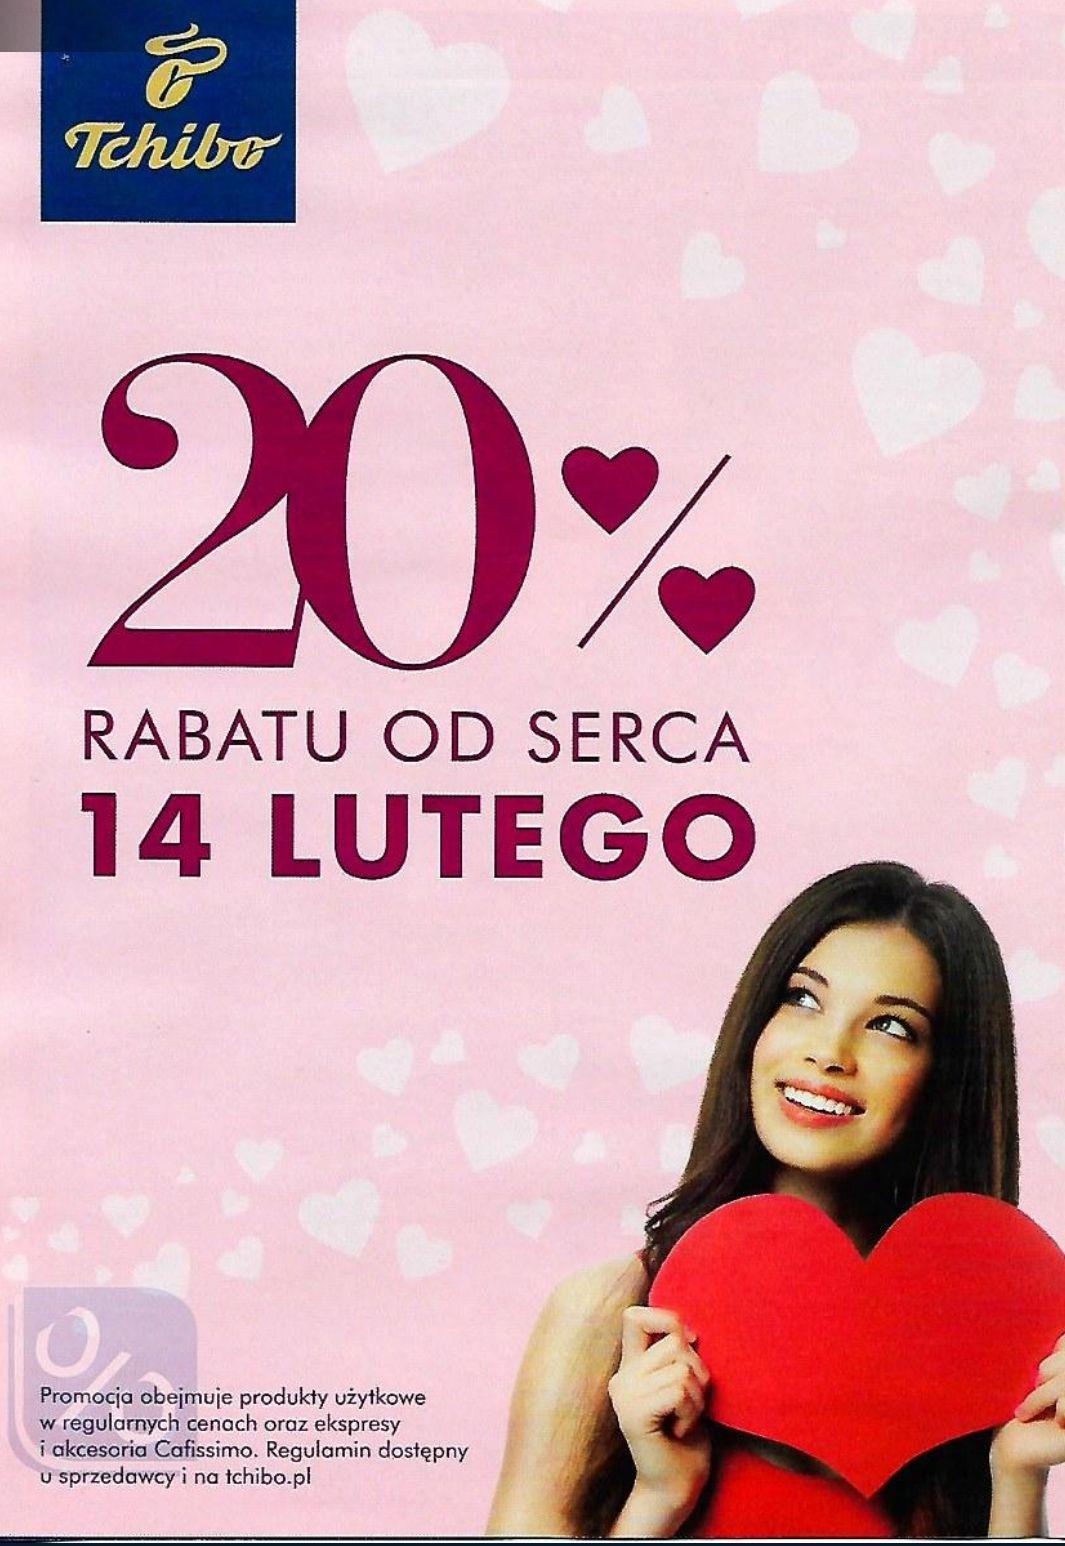 Promocja -20% ną wszystko w Tchibo i Tchibo.pl